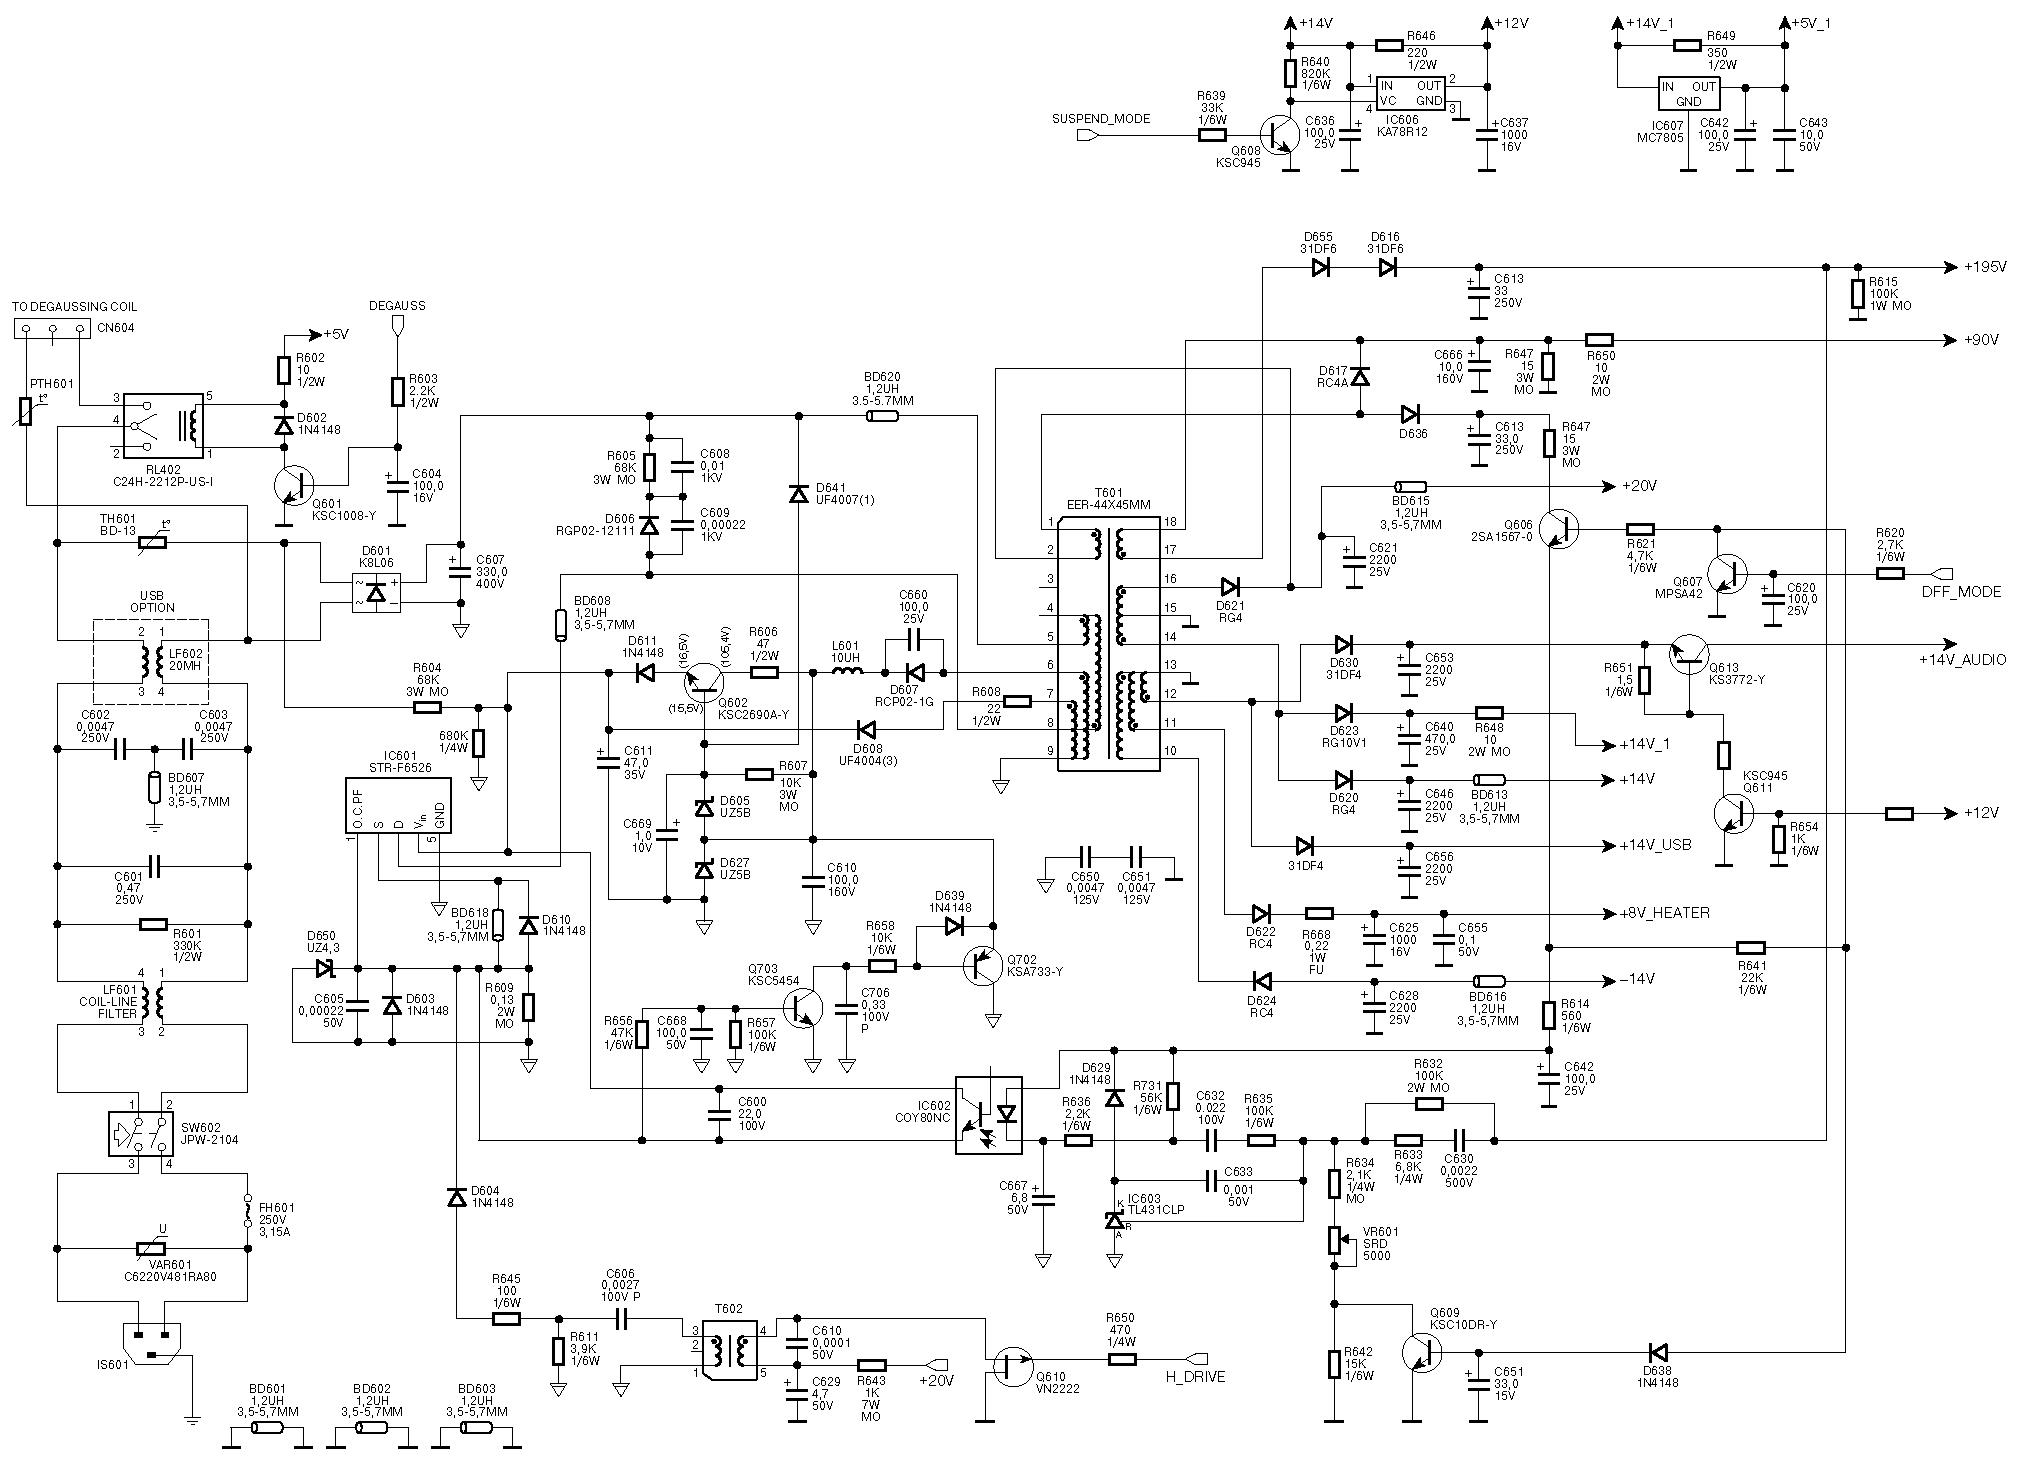 схема блока питания монитора samsung